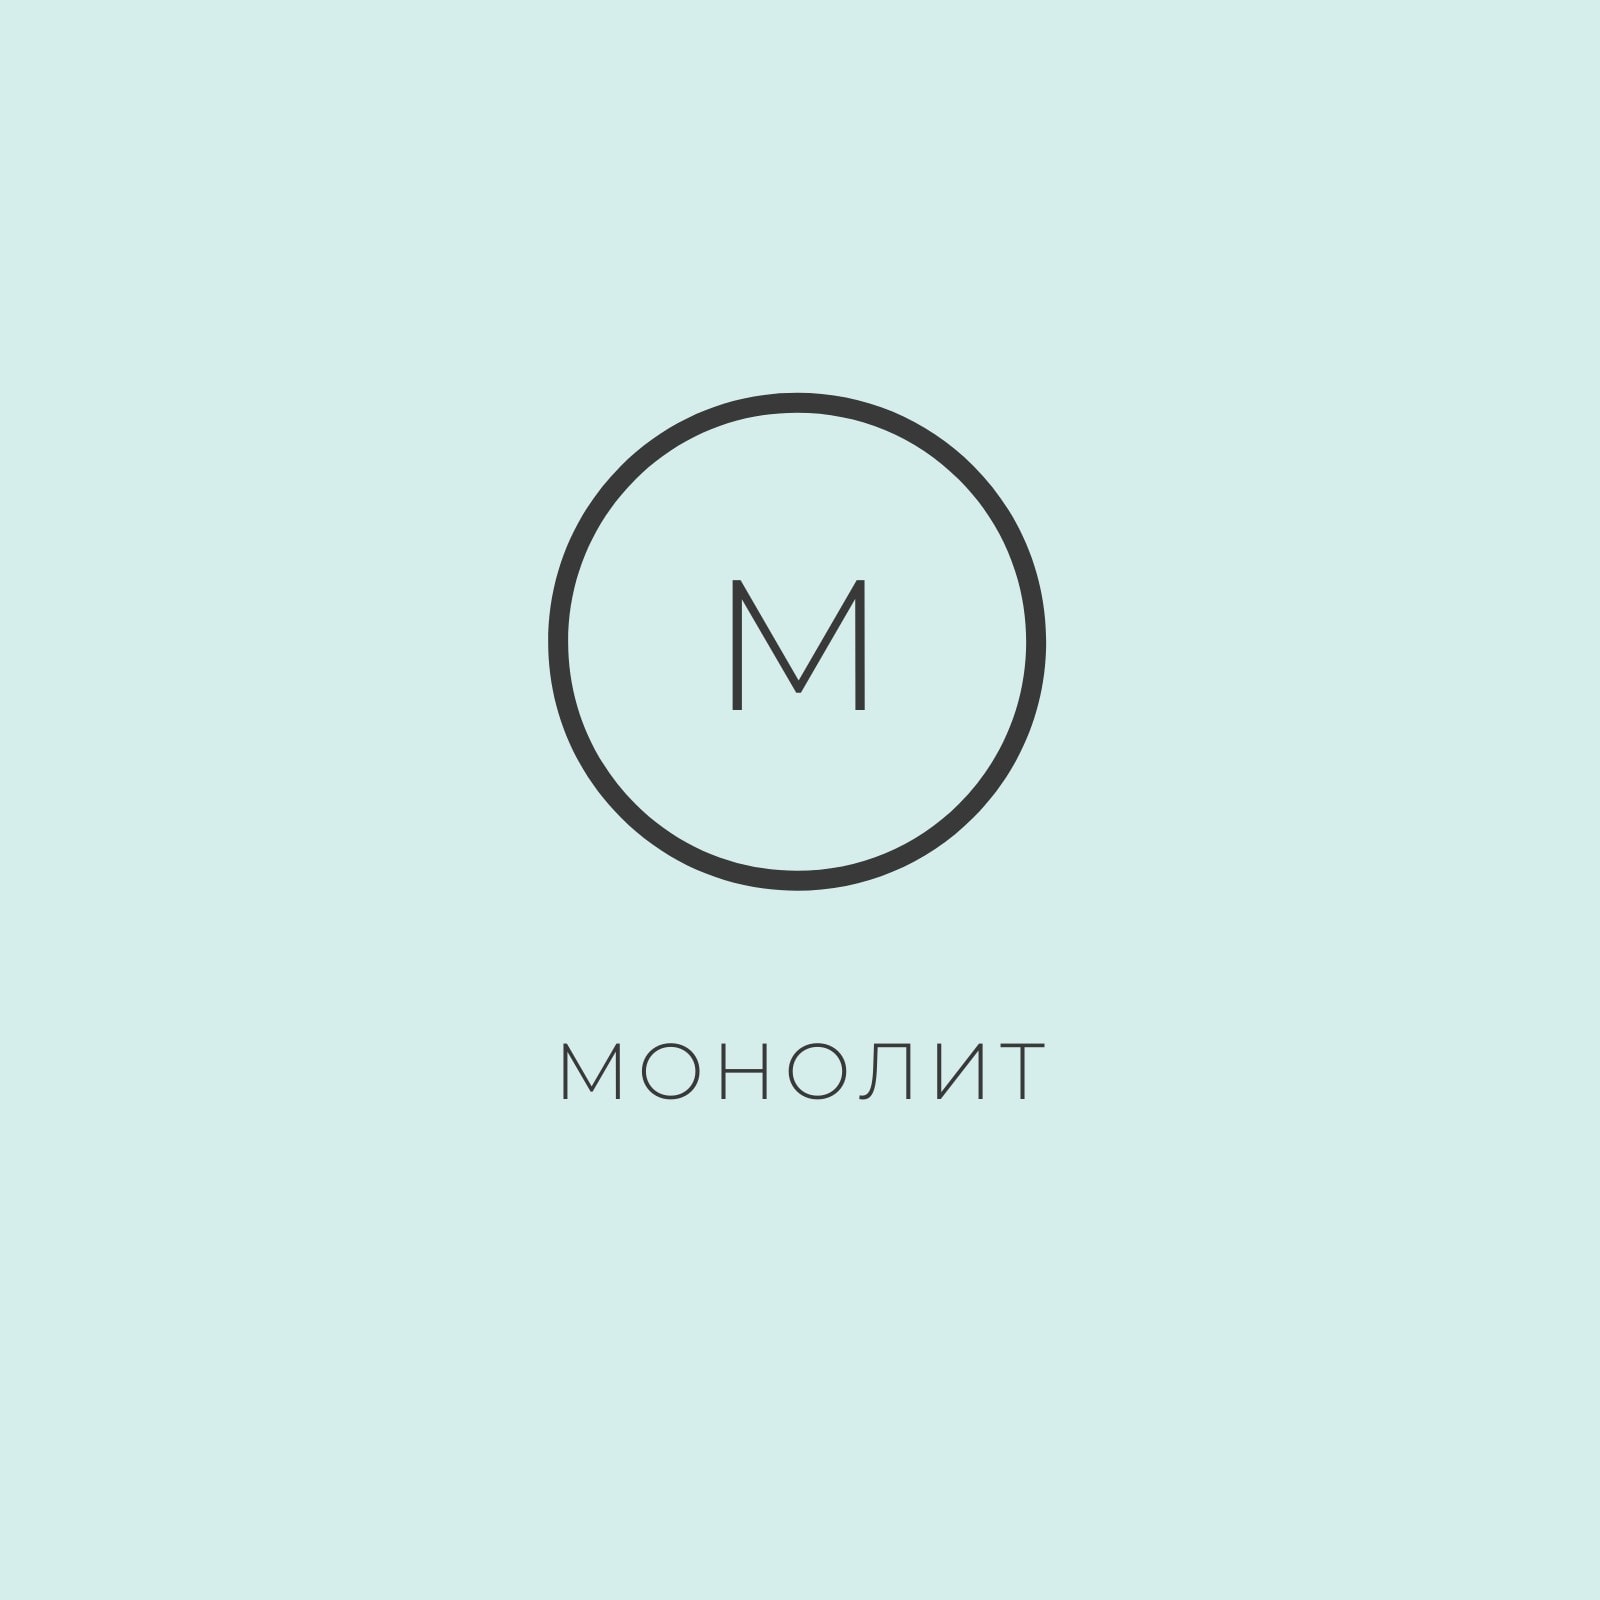 Голубой Круг Бизнес Логотип